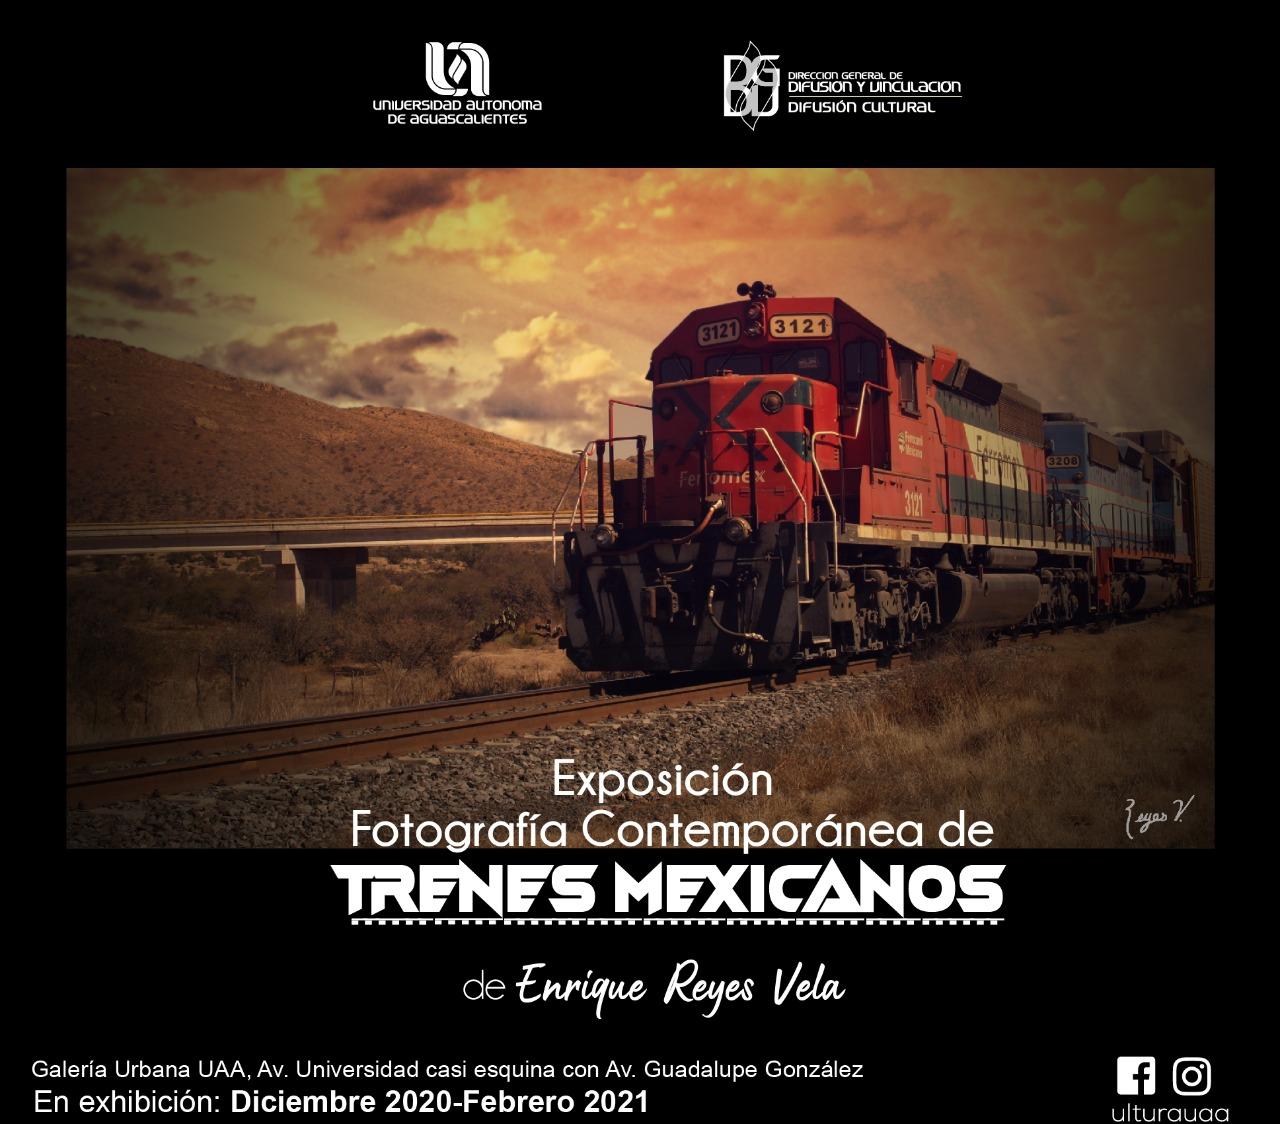 Exposición Fotografía Contemporánea de Trenes Mexicanos